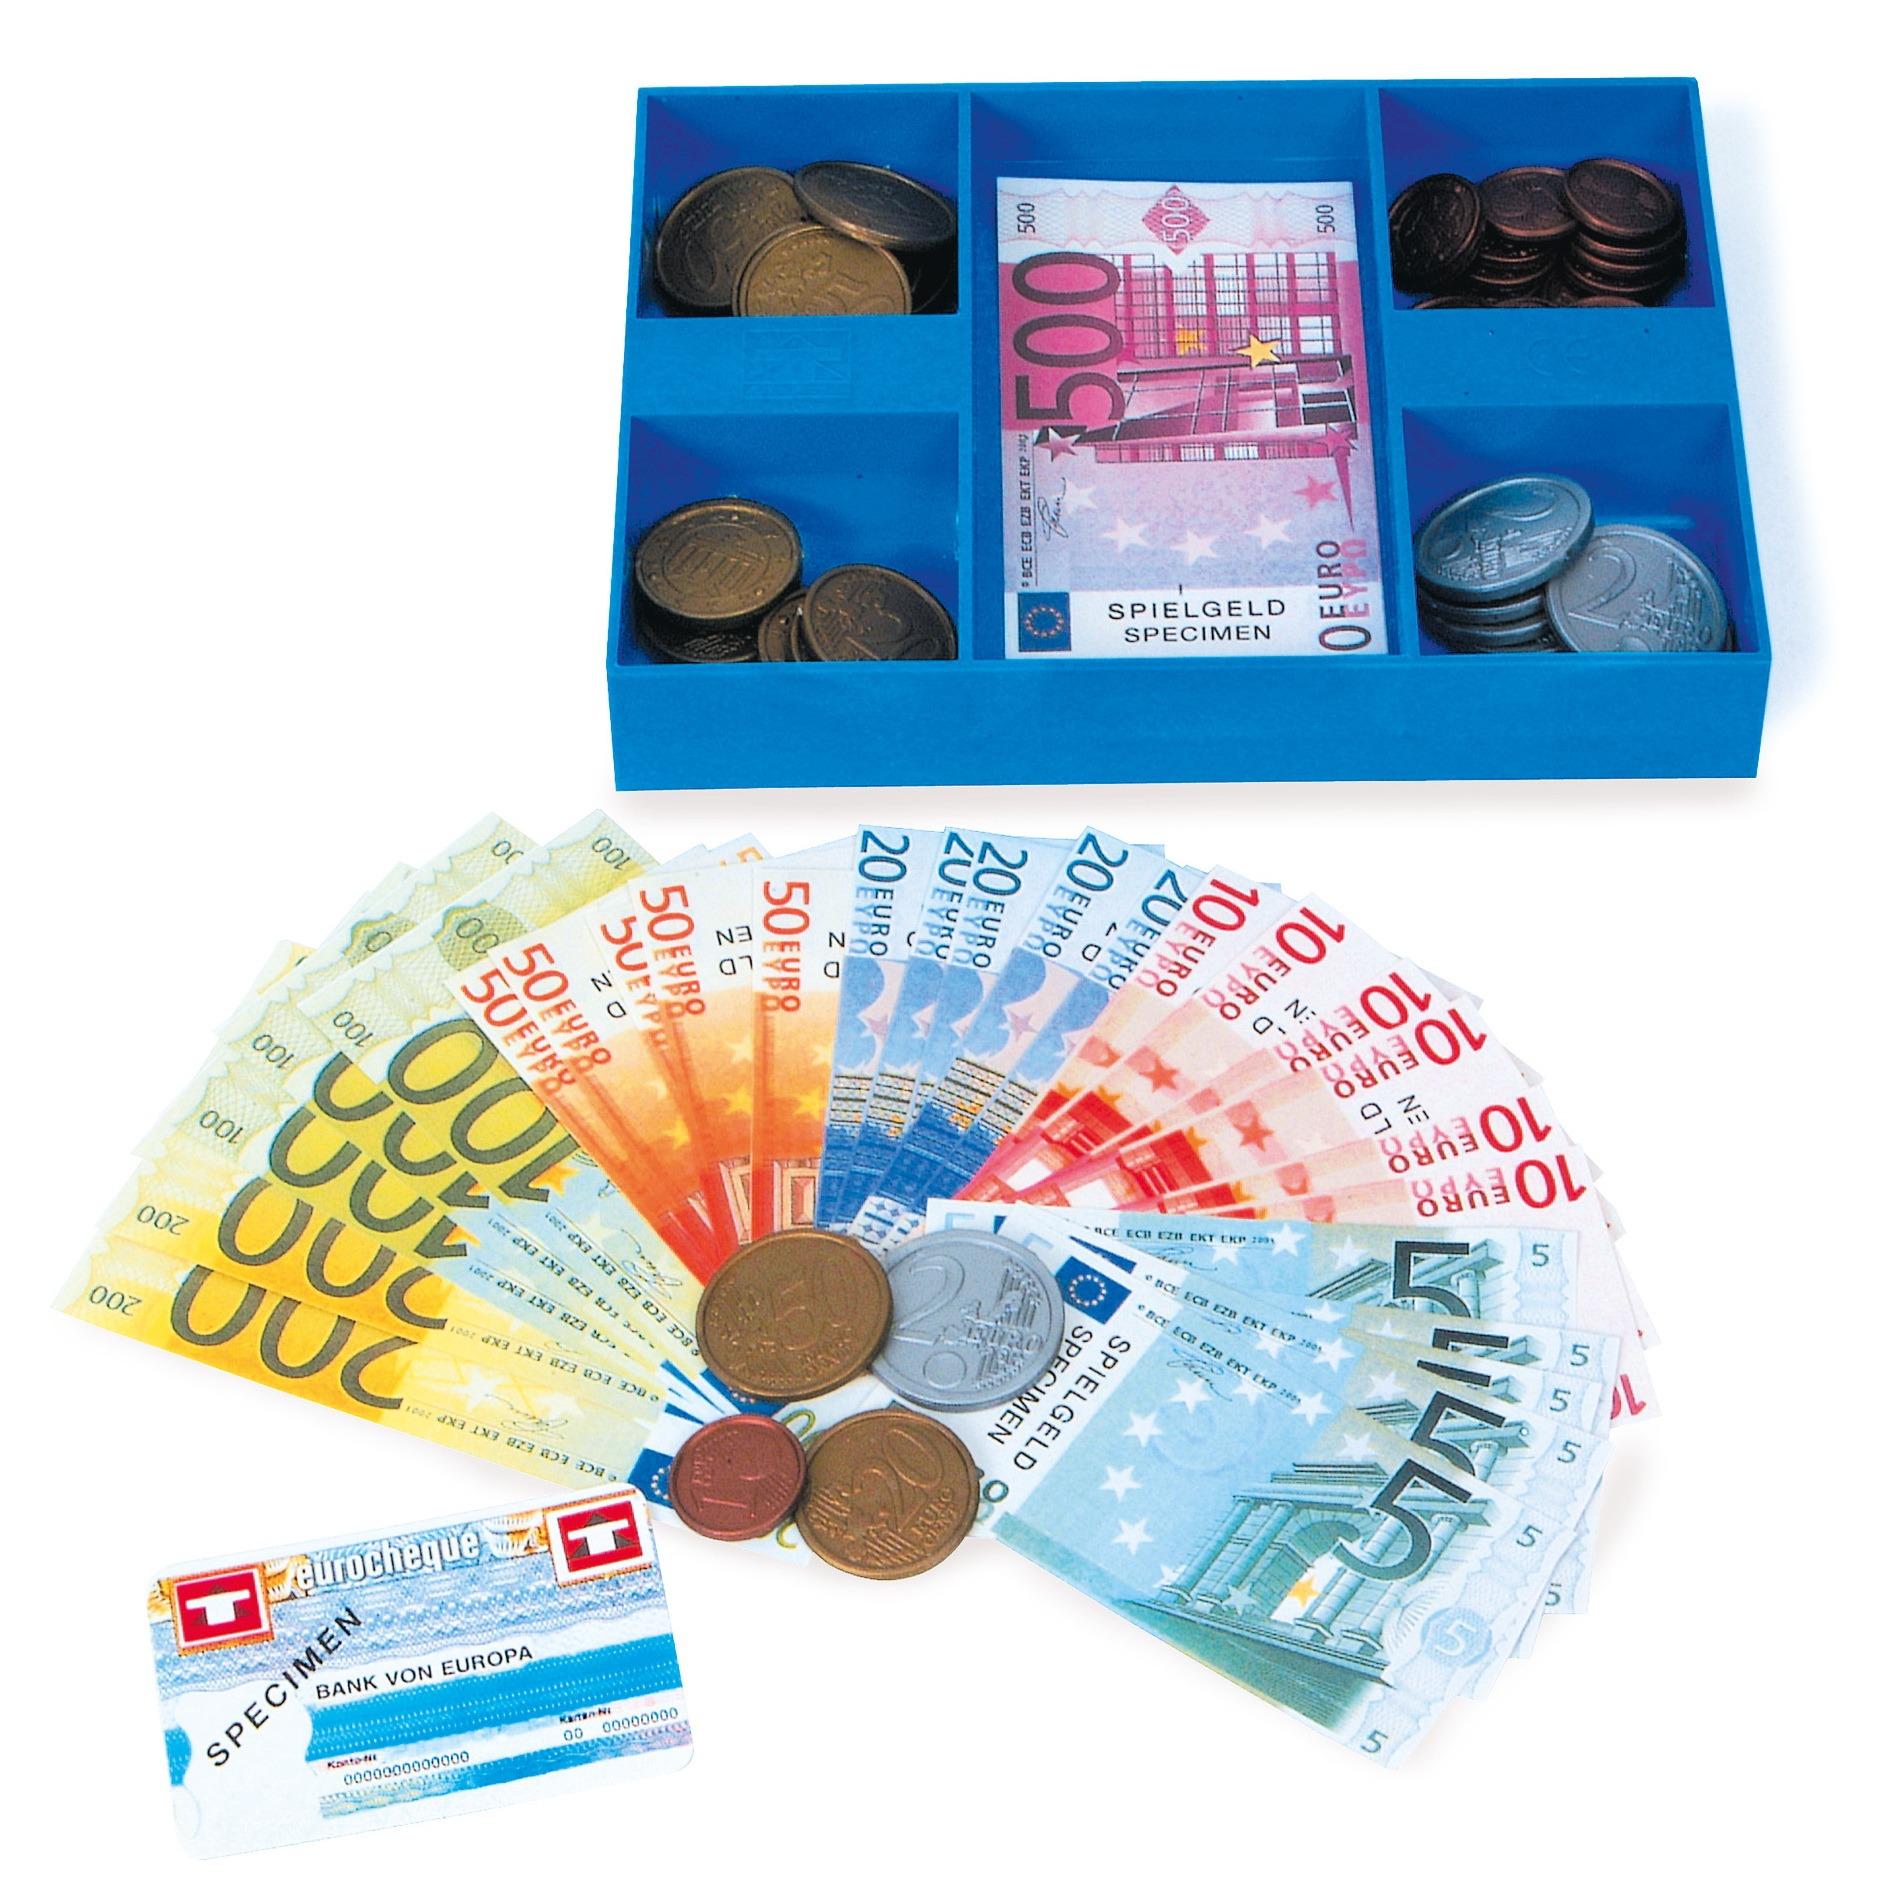 Igralni denar v kaseti